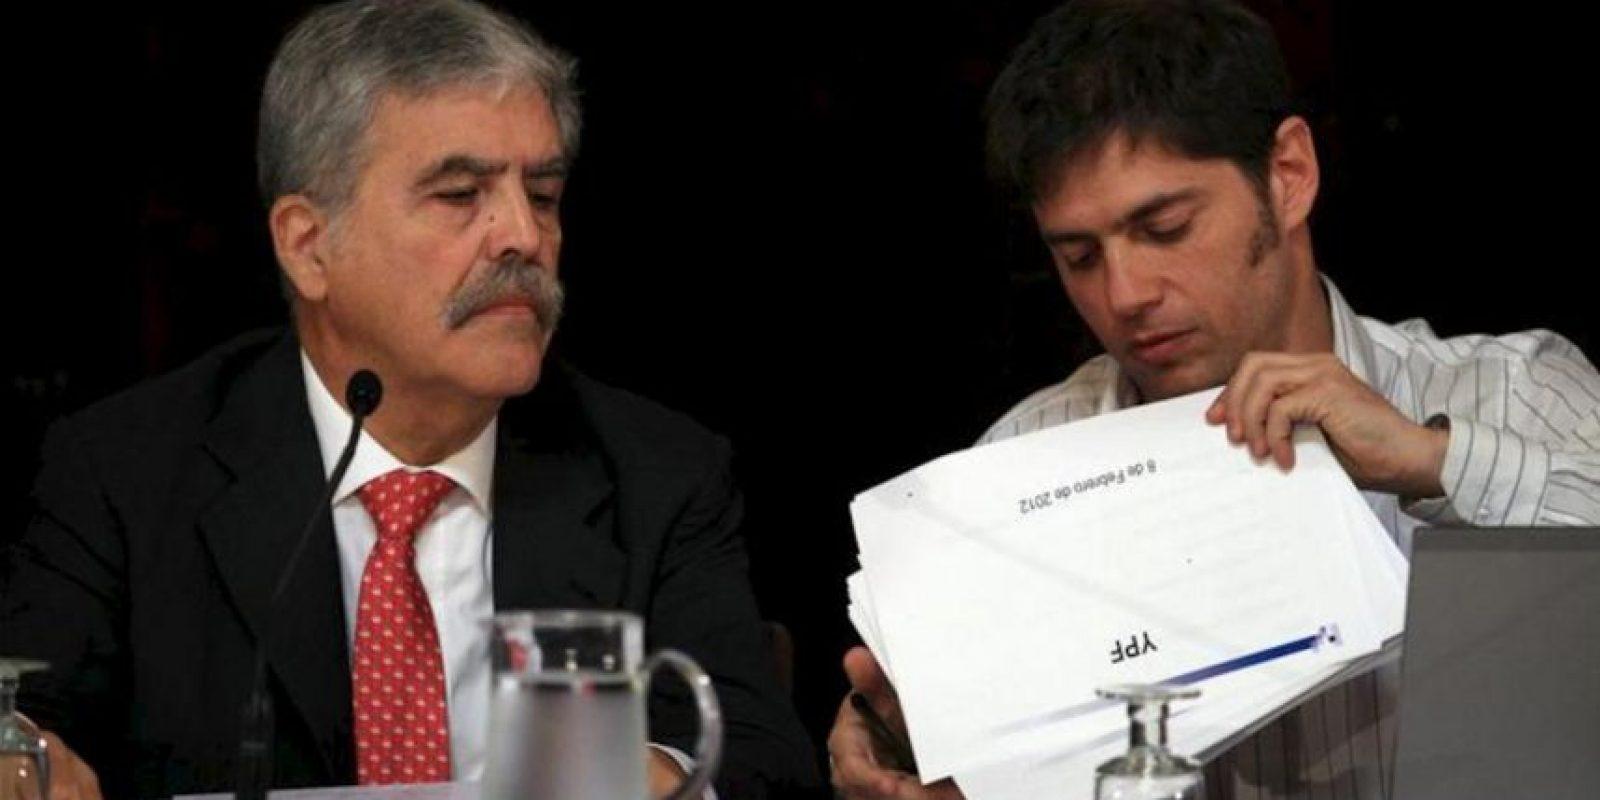 El interventor de YPF y ministro de Planificación Federal de Argentina, Julio De Vido (i), y el viceministro de Economía, Axel Kicilloff (d), asisten al Senado en Buenos Aires (Argentina). EFE